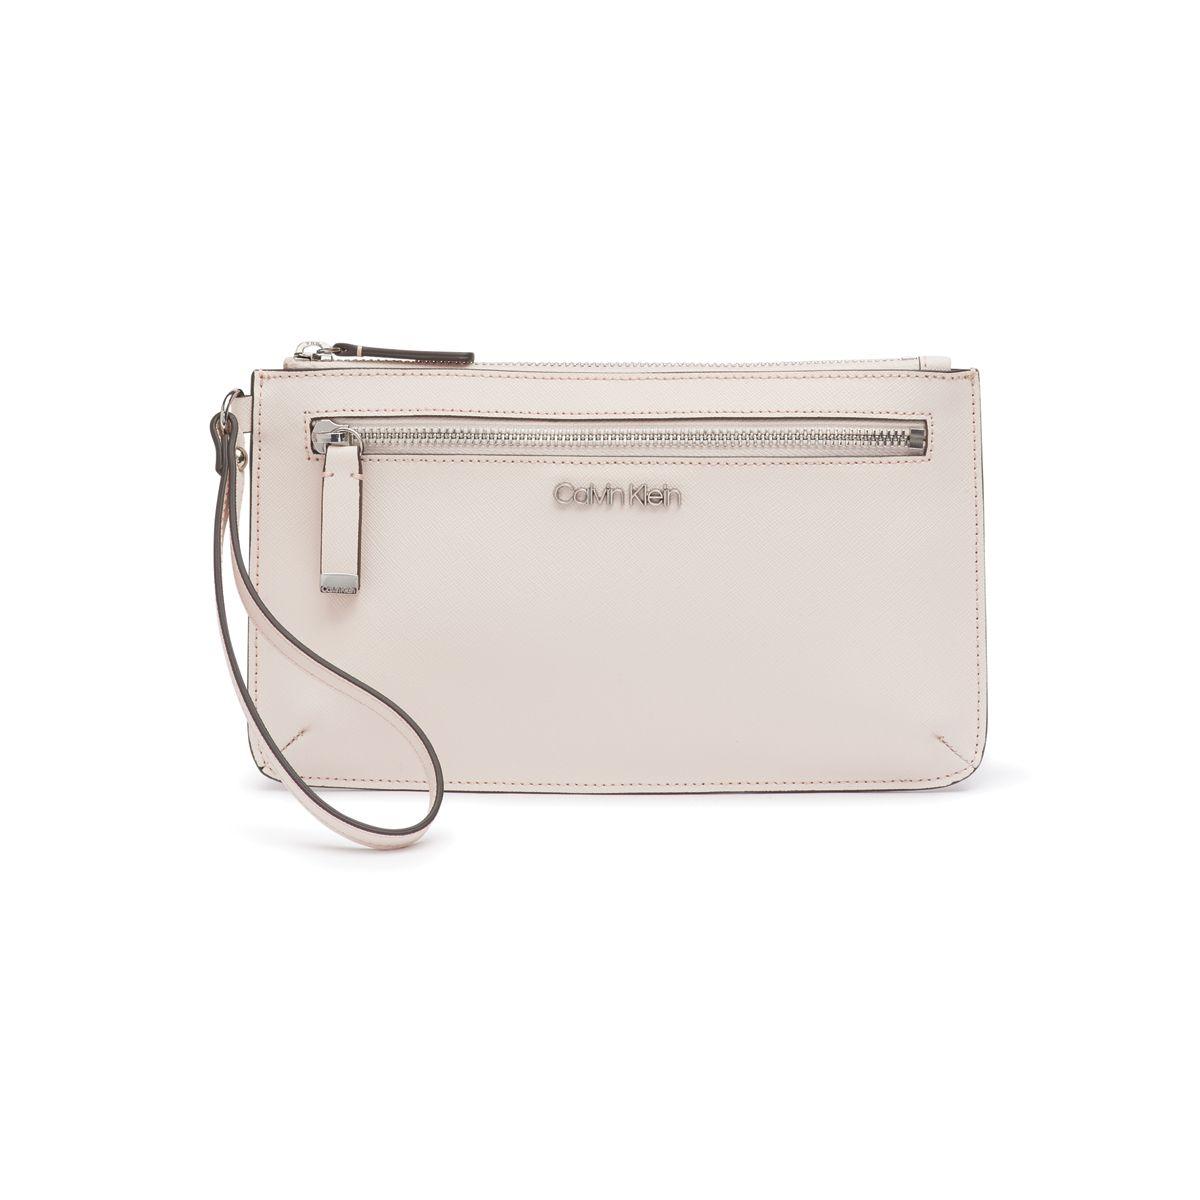 Calvin Klein Handbags   Bags - Macy s 2a8fa8e6cfd7e